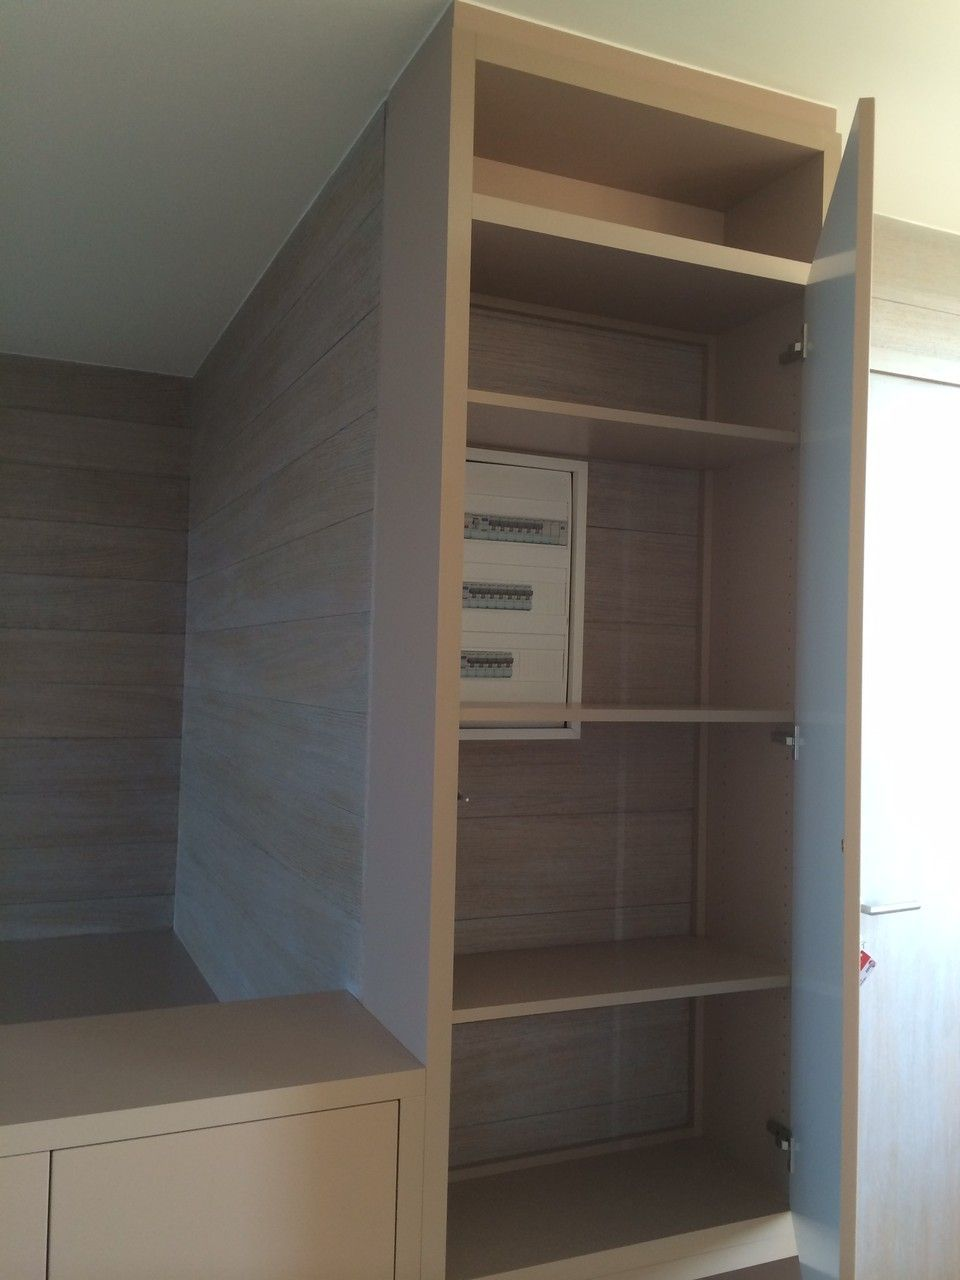 rangement compos d 39 une porte pleine en fa ade permettant de cacher le compteur lectrique et. Black Bedroom Furniture Sets. Home Design Ideas